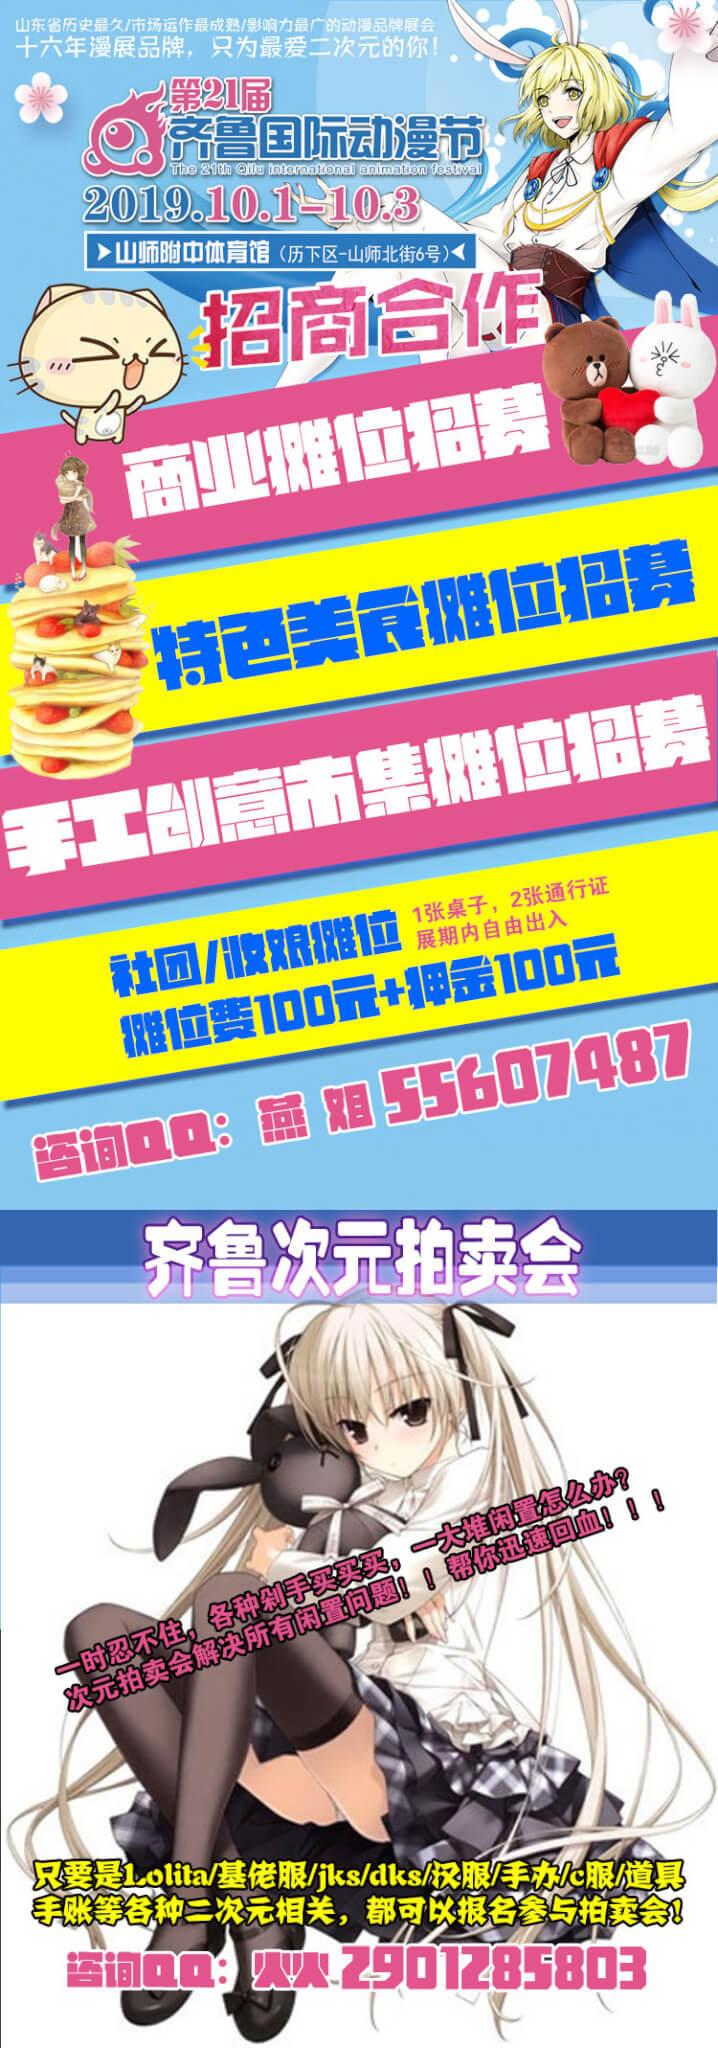 第21届齐鲁国际动漫节10.1-10.3山师附中体育馆,不见不散!-C3动漫网